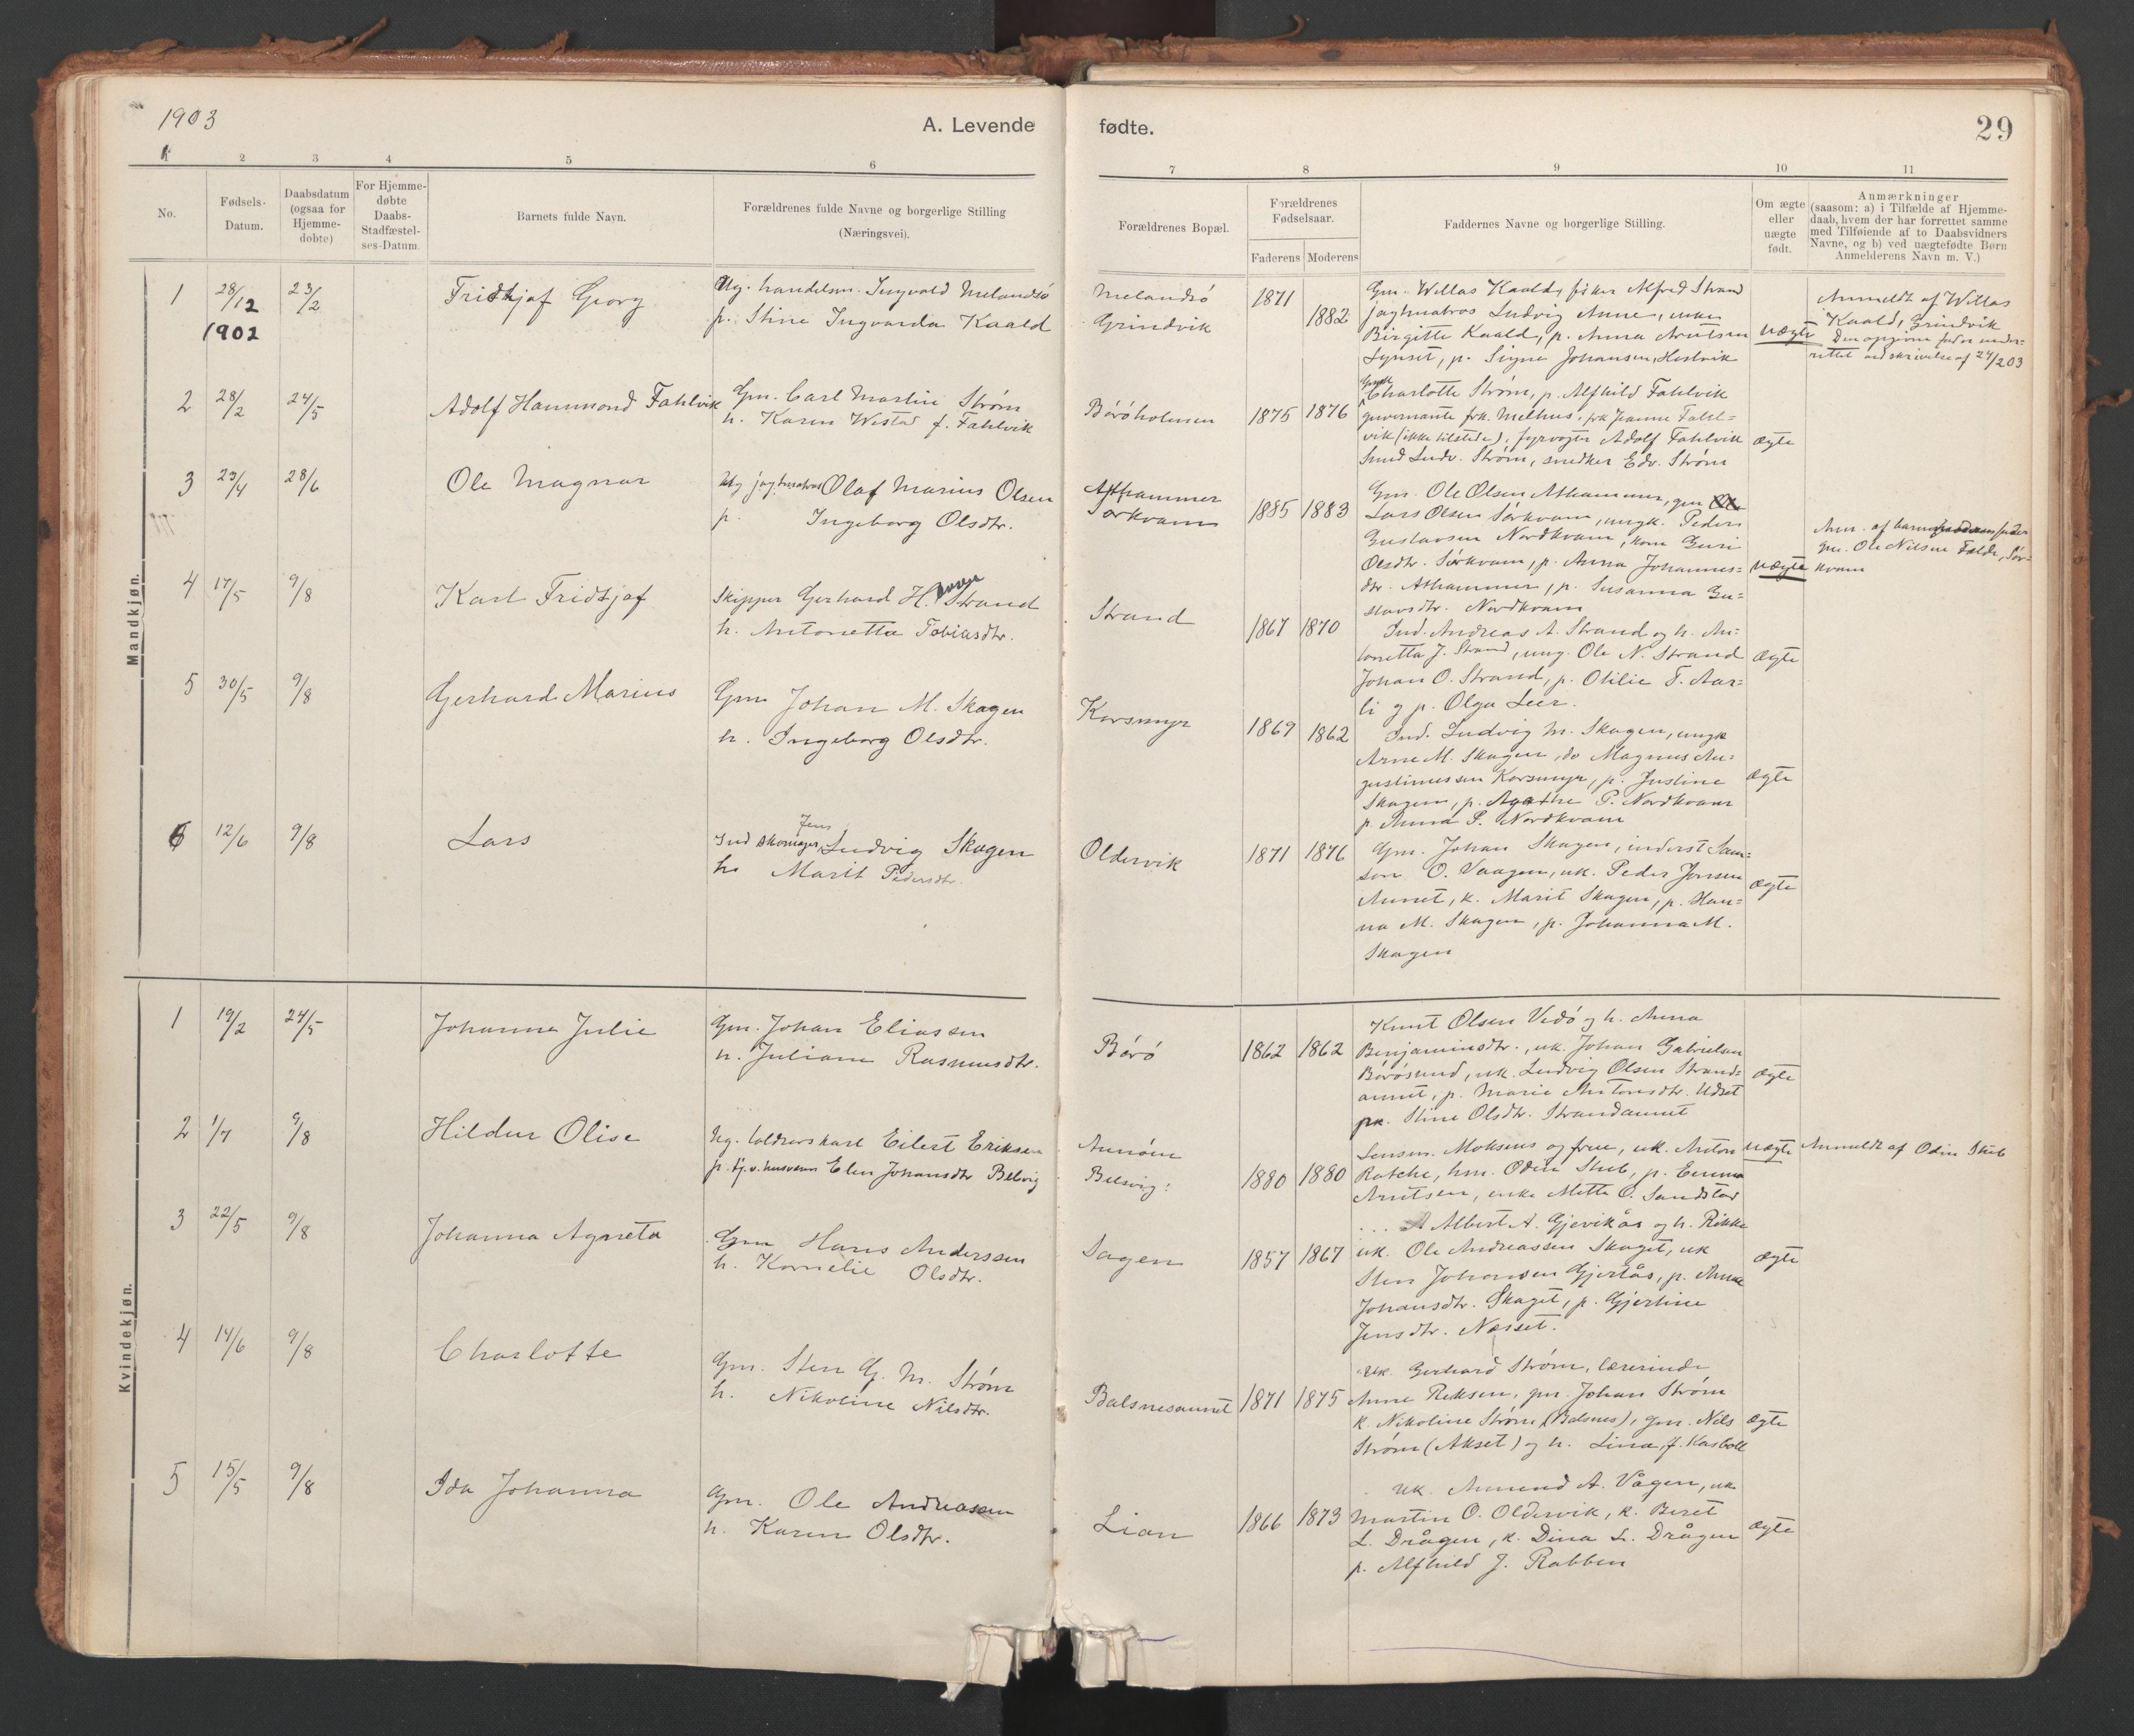 SAT, Ministerialprotokoller, klokkerbøker og fødselsregistre - Sør-Trøndelag, 639/L0572: Ministerialbok nr. 639A01, 1890-1920, s. 29